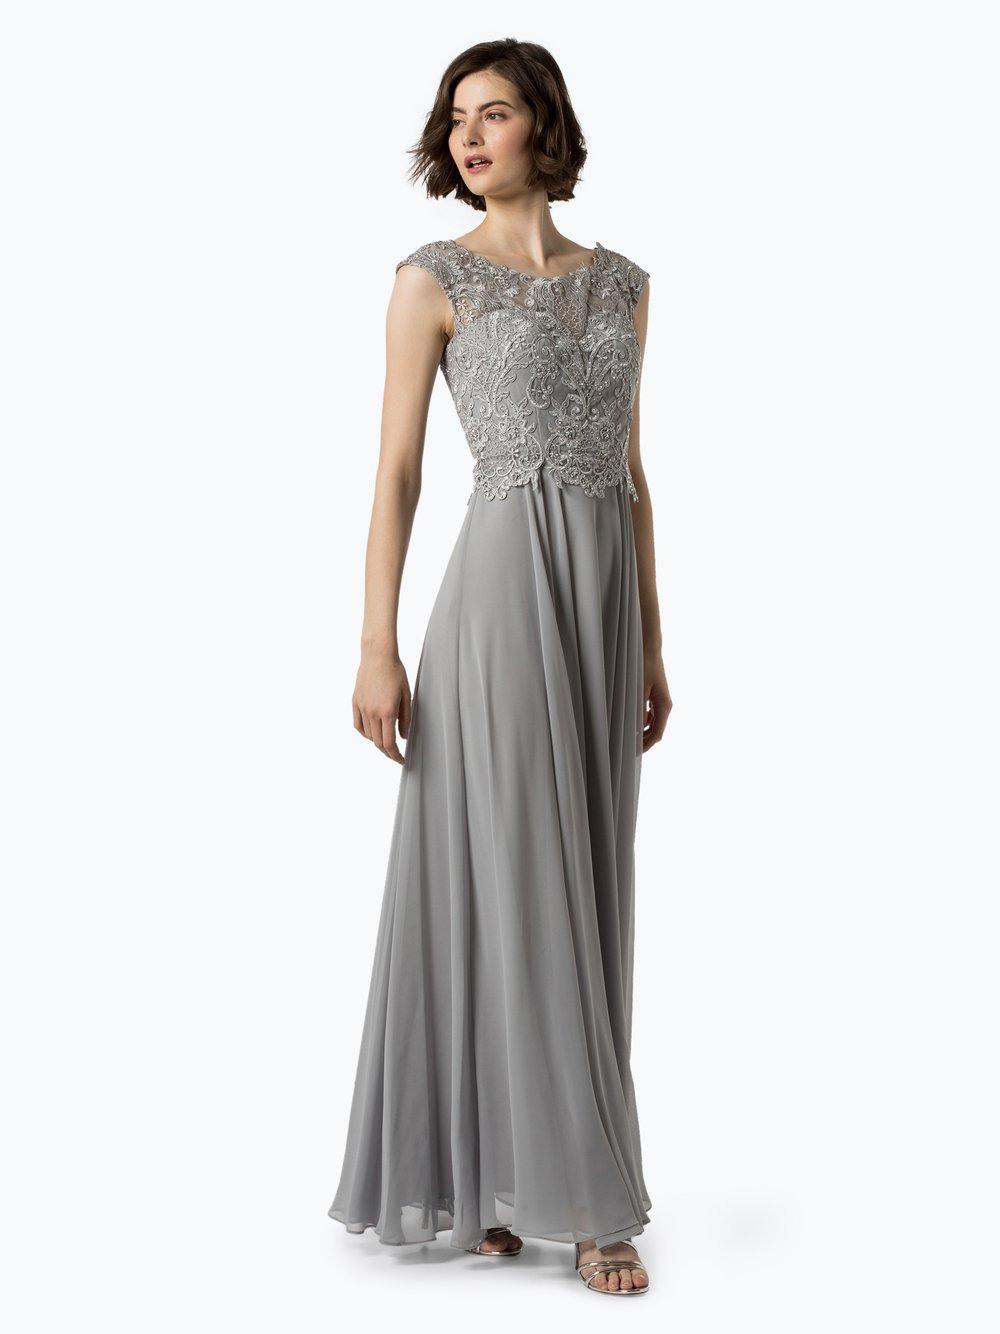 Formal Fantastisch P&C Abend Kleid Design15 Leicht P&C Abend Kleid für 2019